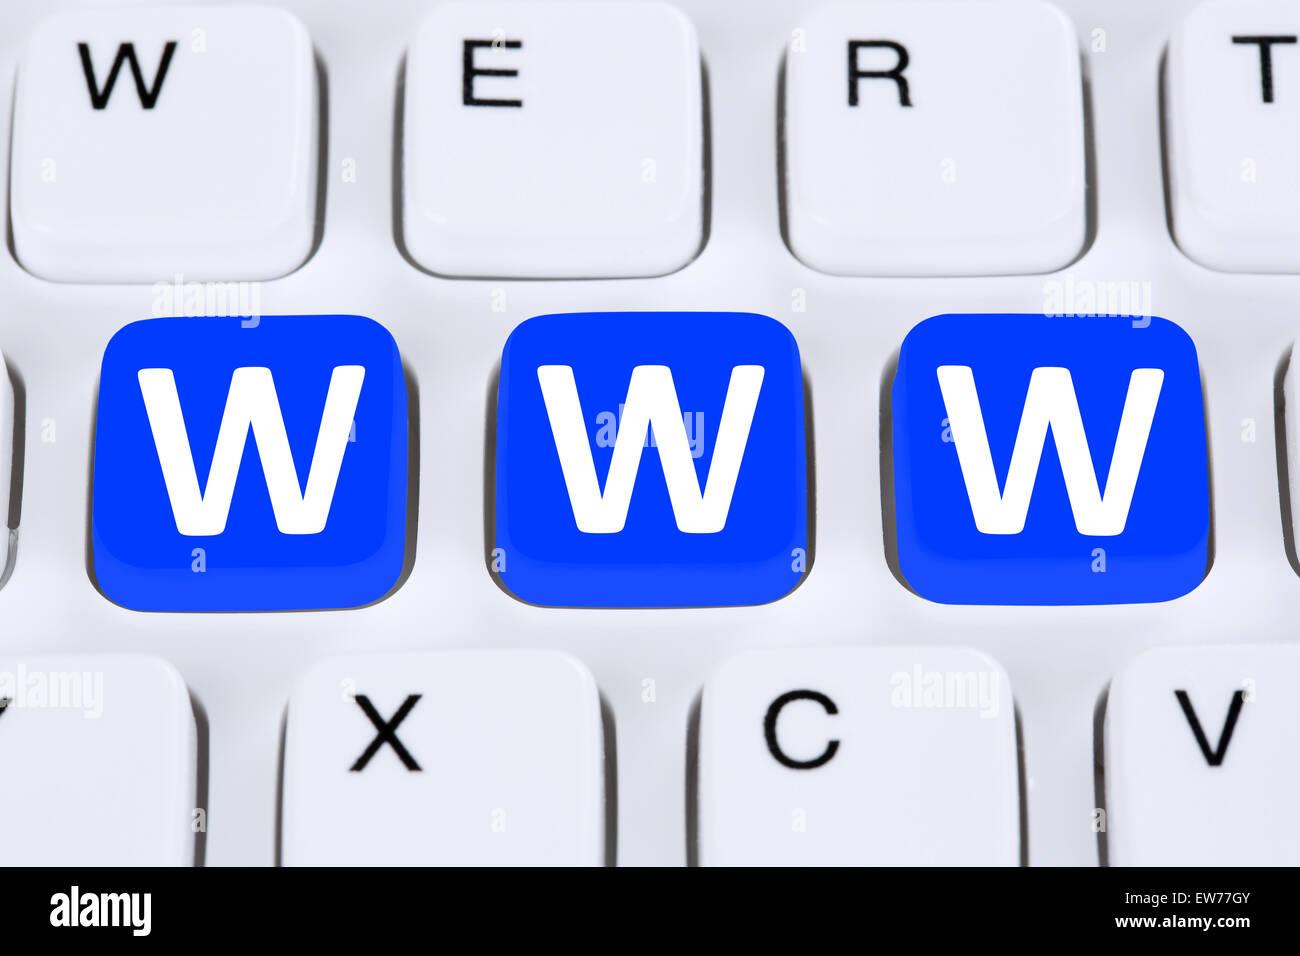 Internet www world wide web online on computer keyboard - Stock Image